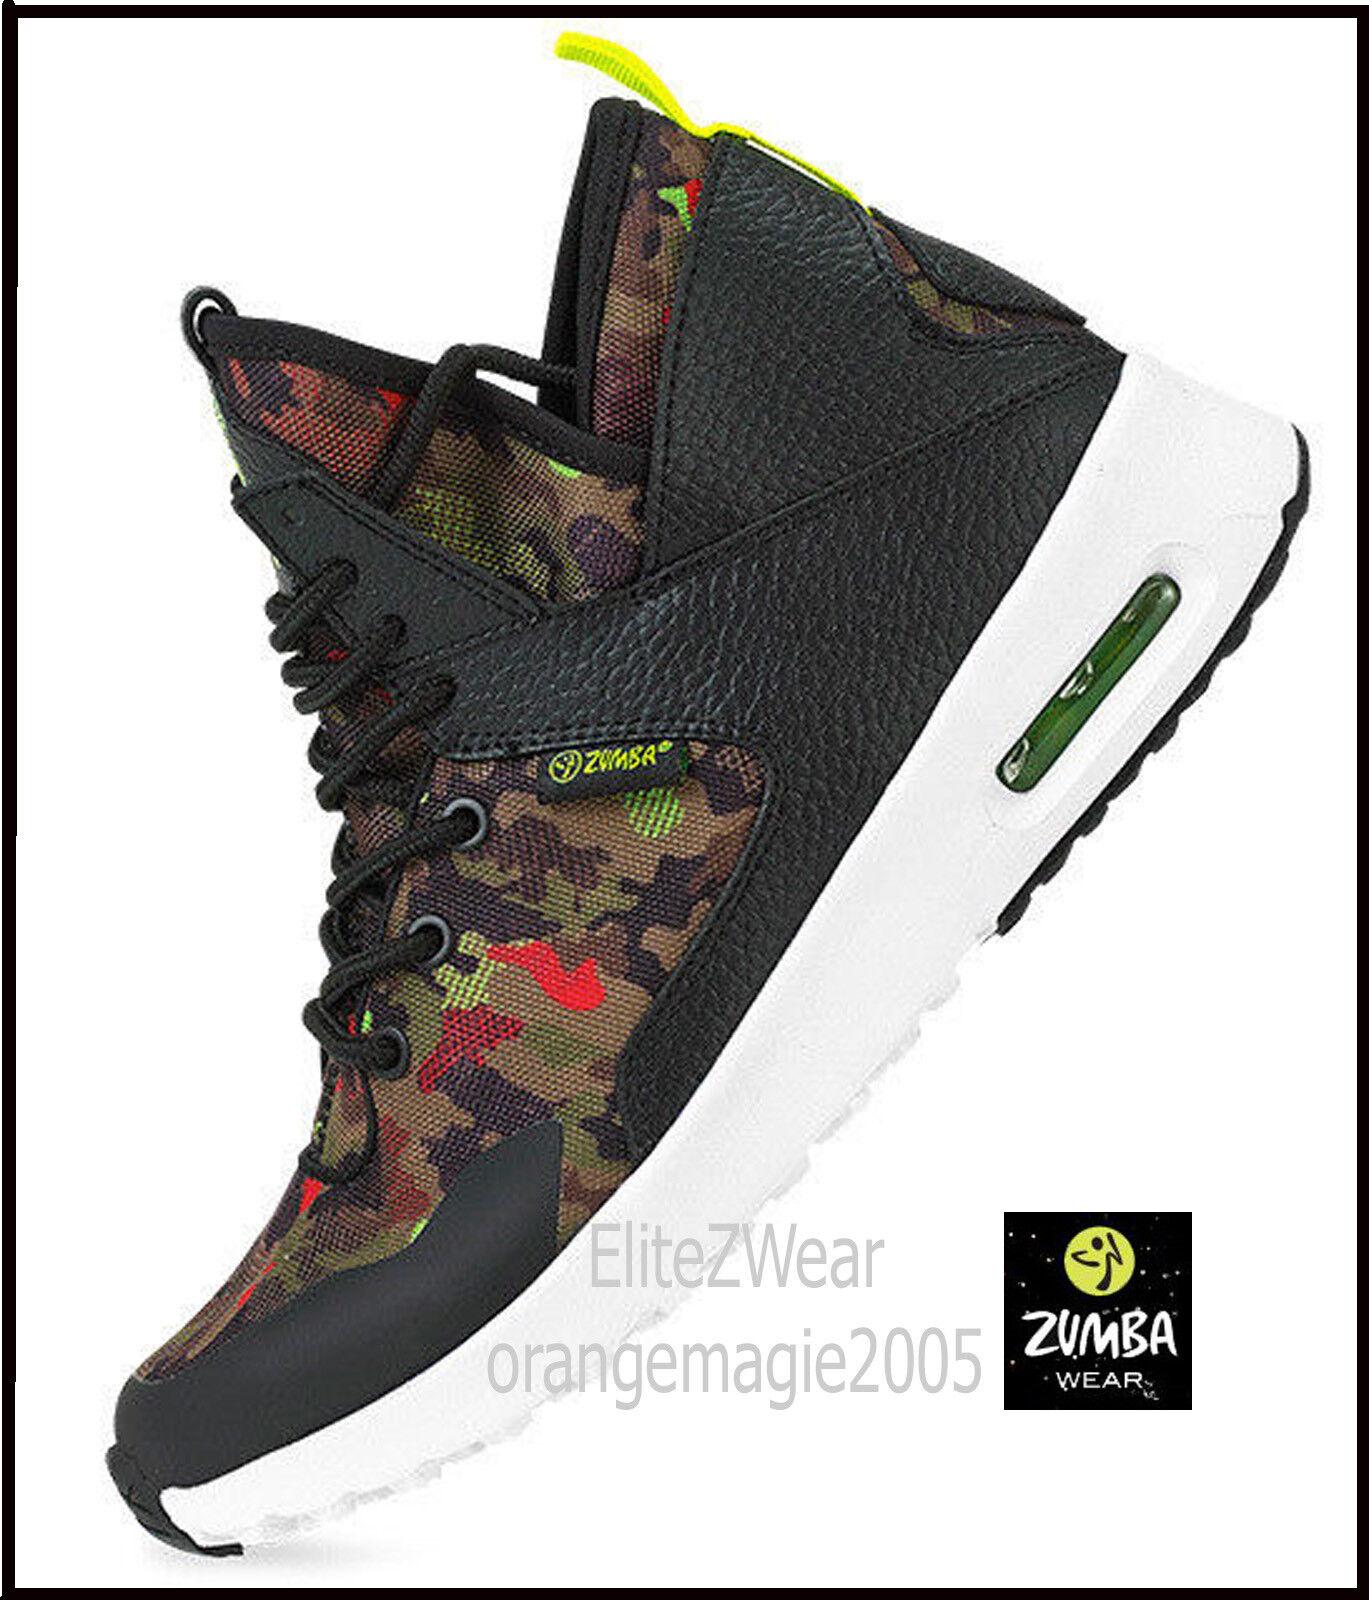 ZUMBA High Top scarpe  Trainers w Impact Max - Air Classic Remix w Miglior Supporto  punto vendita